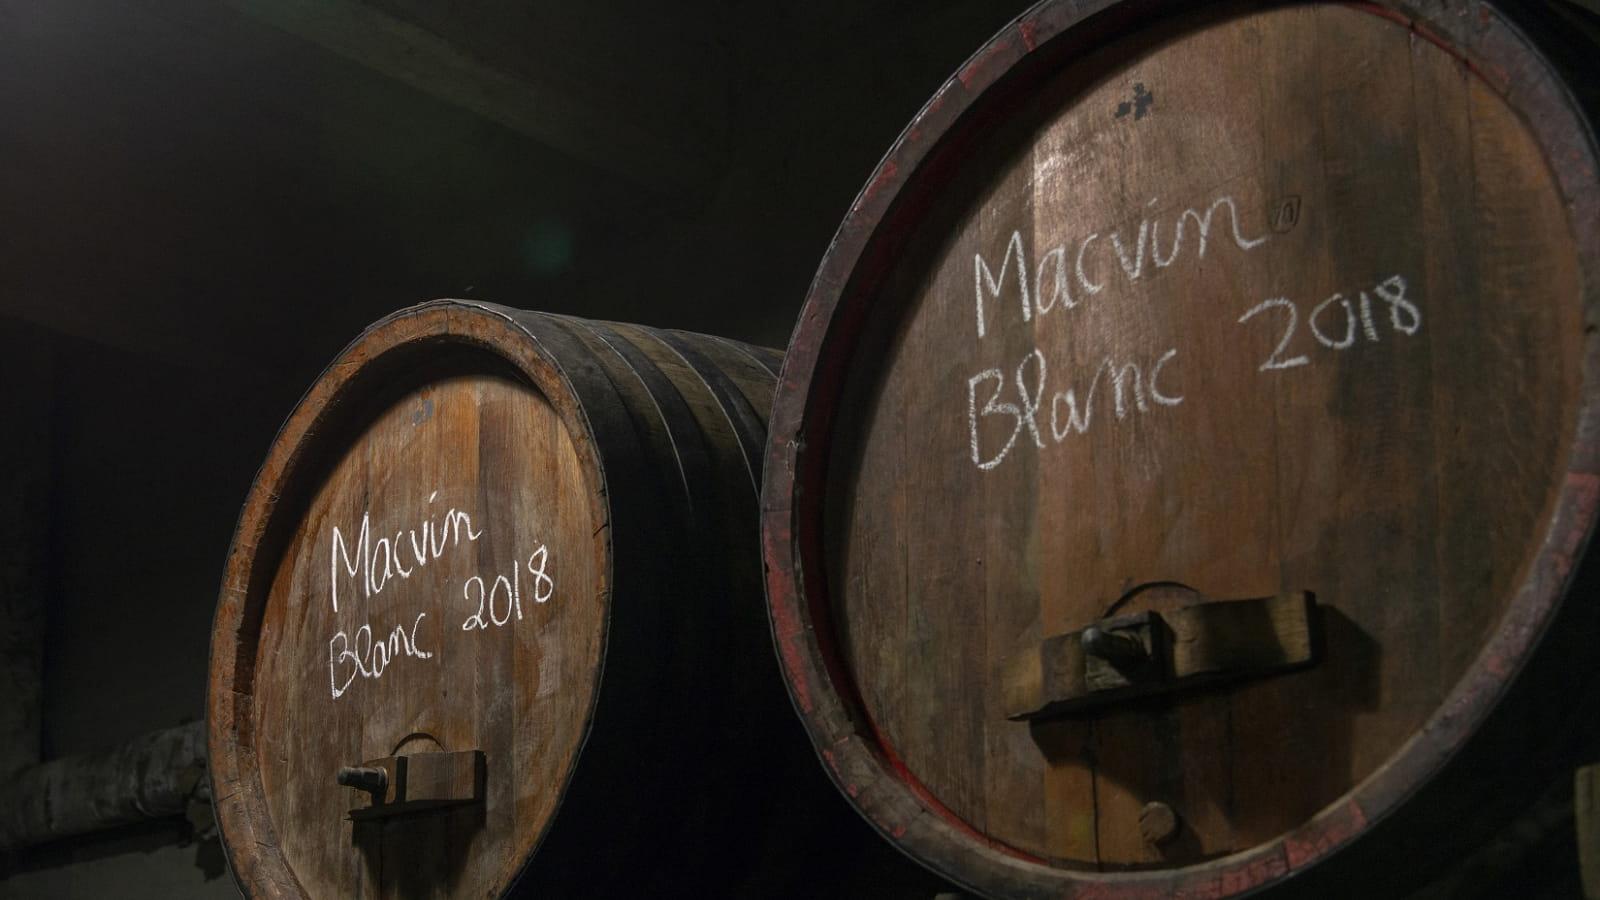 Tonneau de Macvin dans une Fruitière vinicole d'Arbois